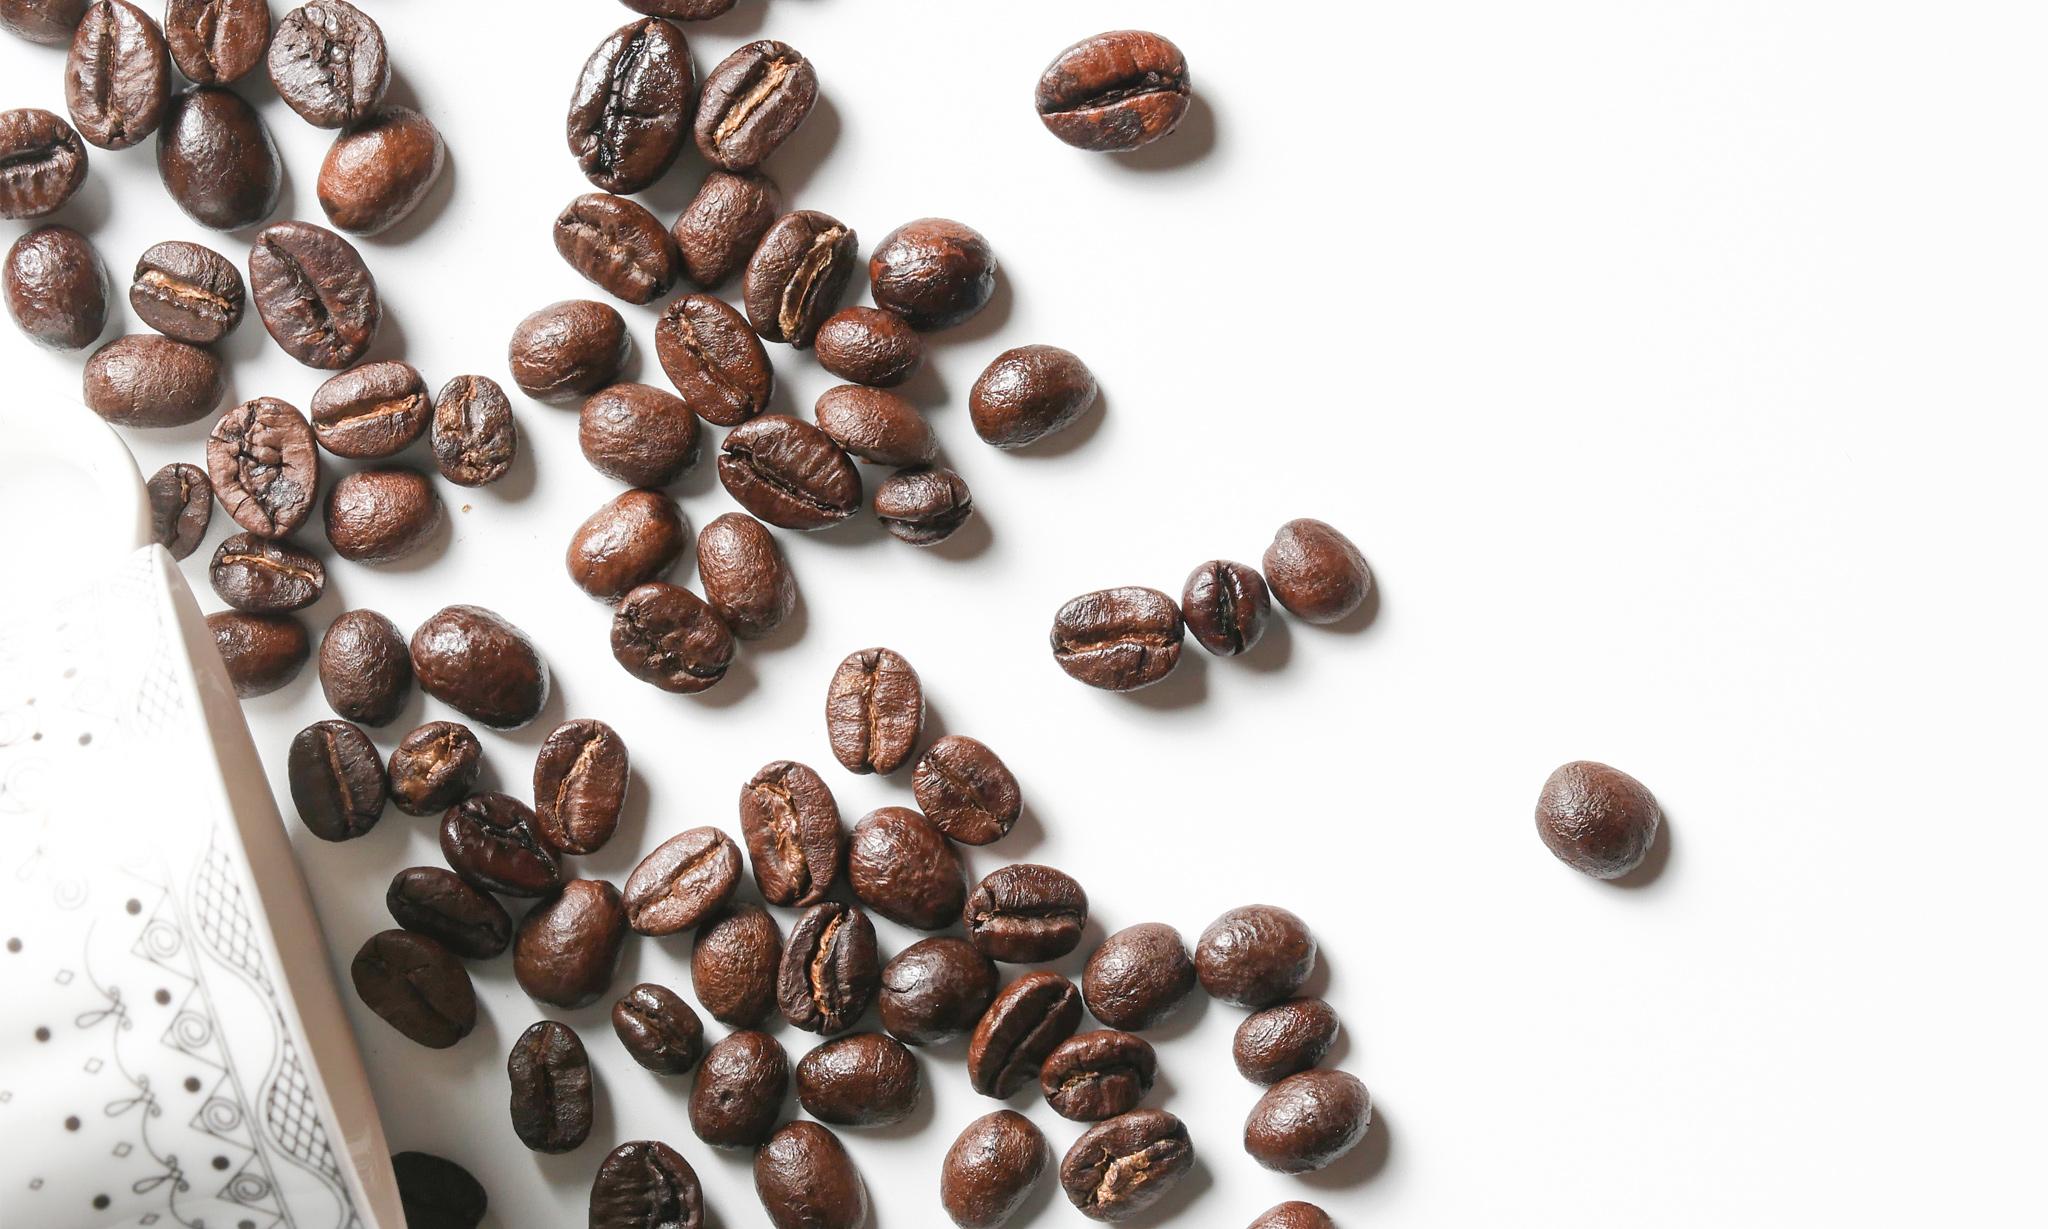 Кофе «Икаф Крема» взернах